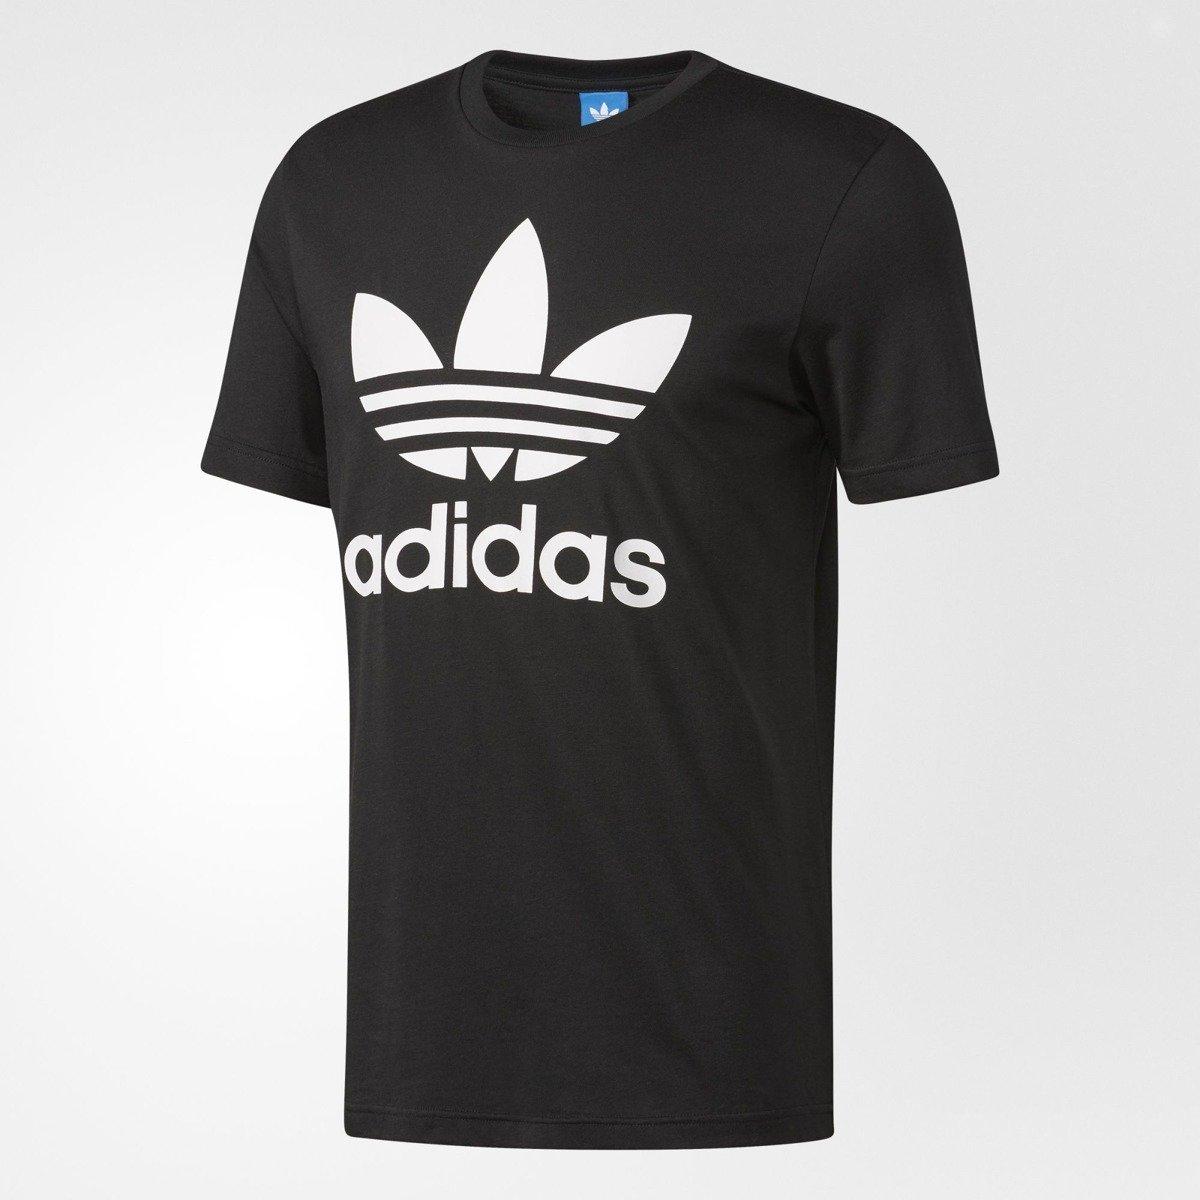 Adidas originals trefoil t shirt aj8830 bekleidung for Adidas trefoil t shirt